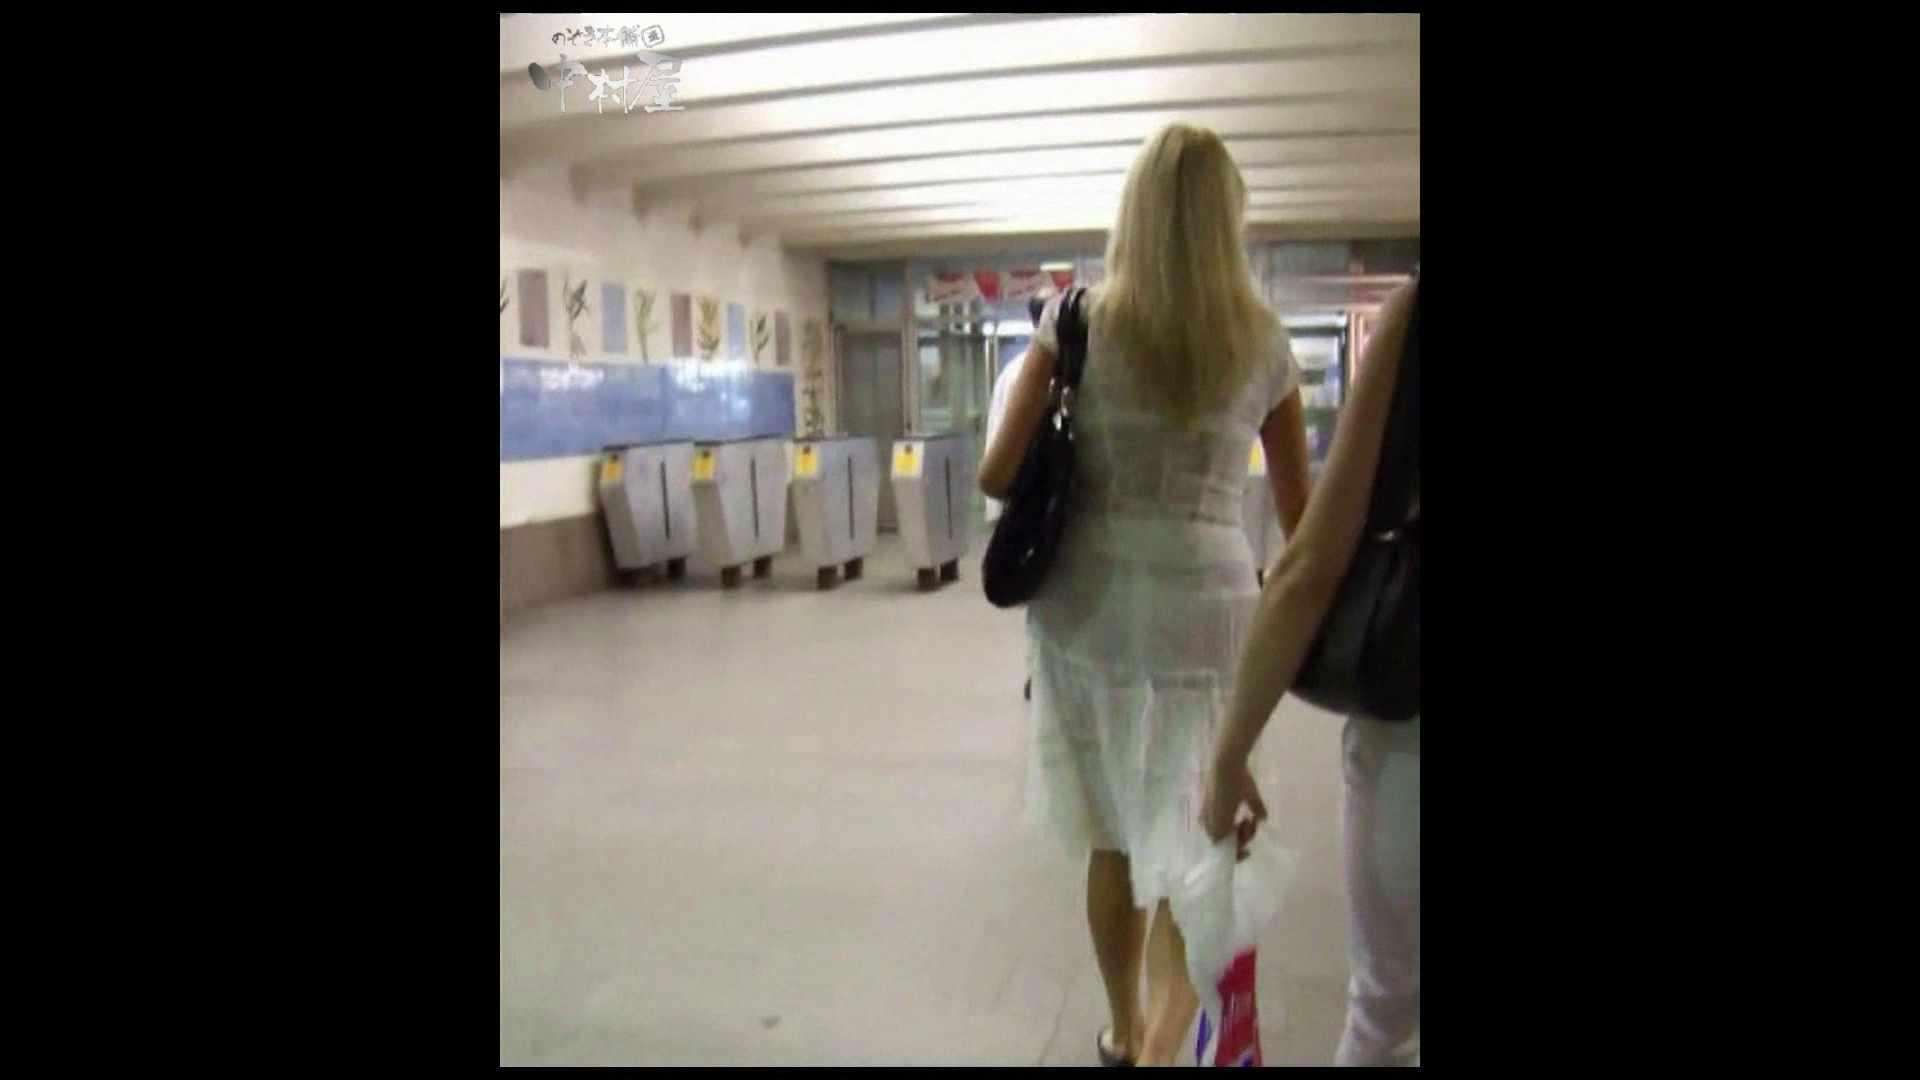 綺麗なモデルさんのスカート捲っちゃおう‼ vol14 お姉さんのエロ生活   OLのエロ生活  47連発 19